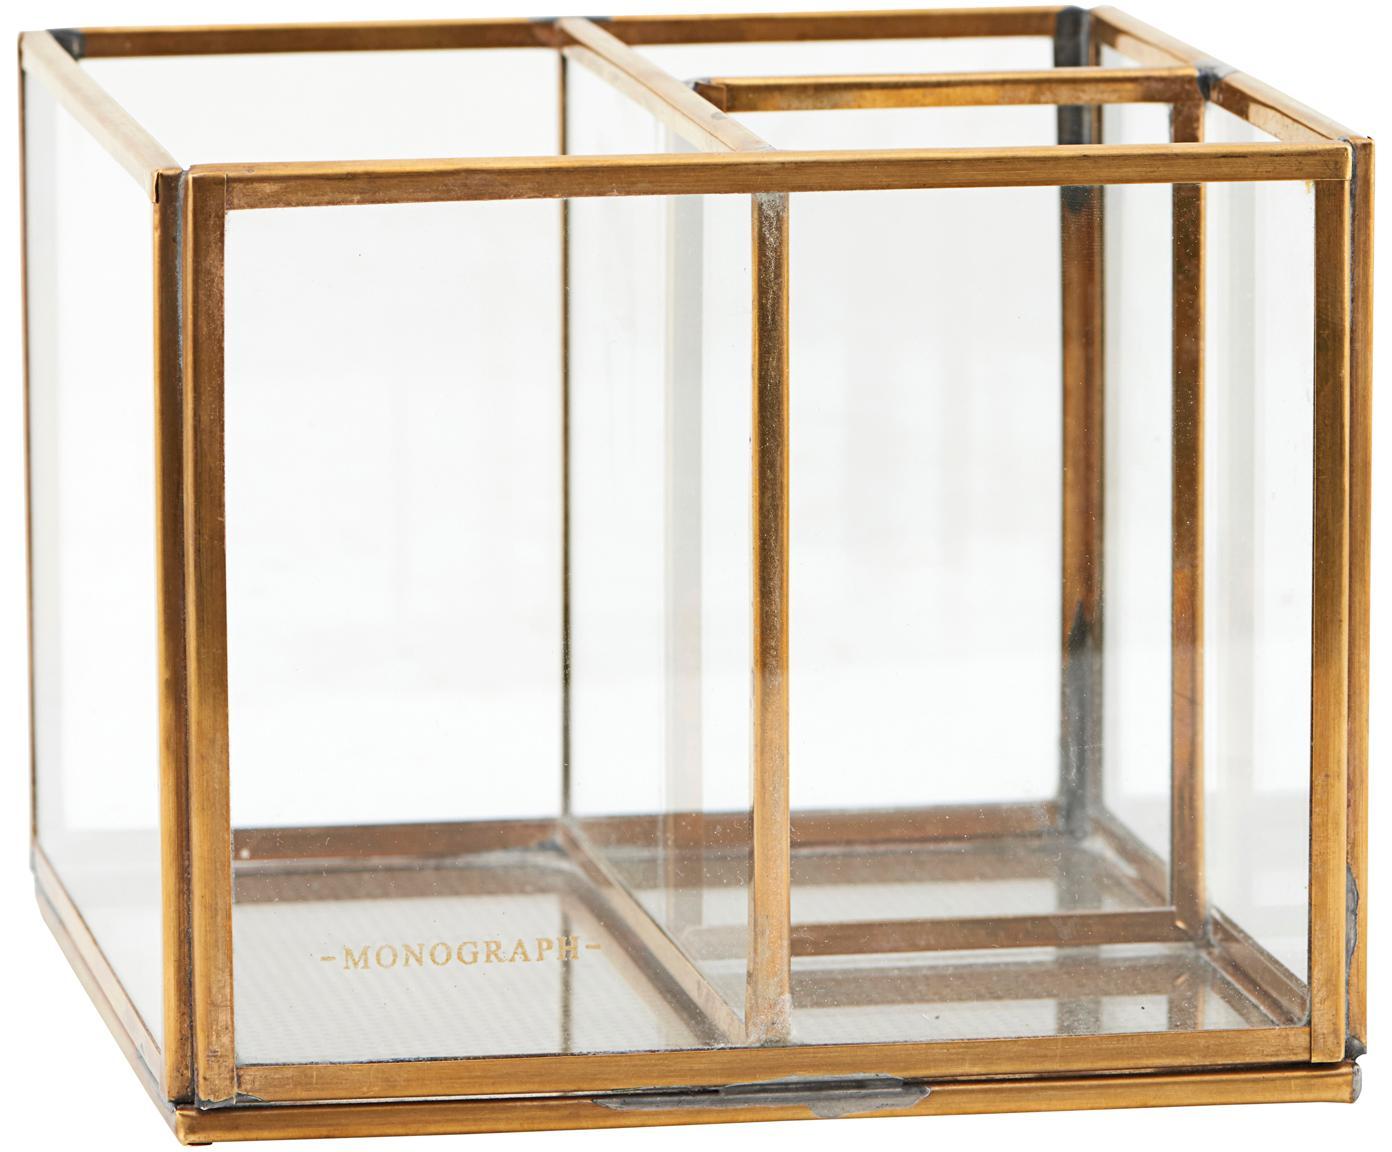 Organizer Sola, Messing, glas, Transparant, messingkleurig, 13 x 10 cm